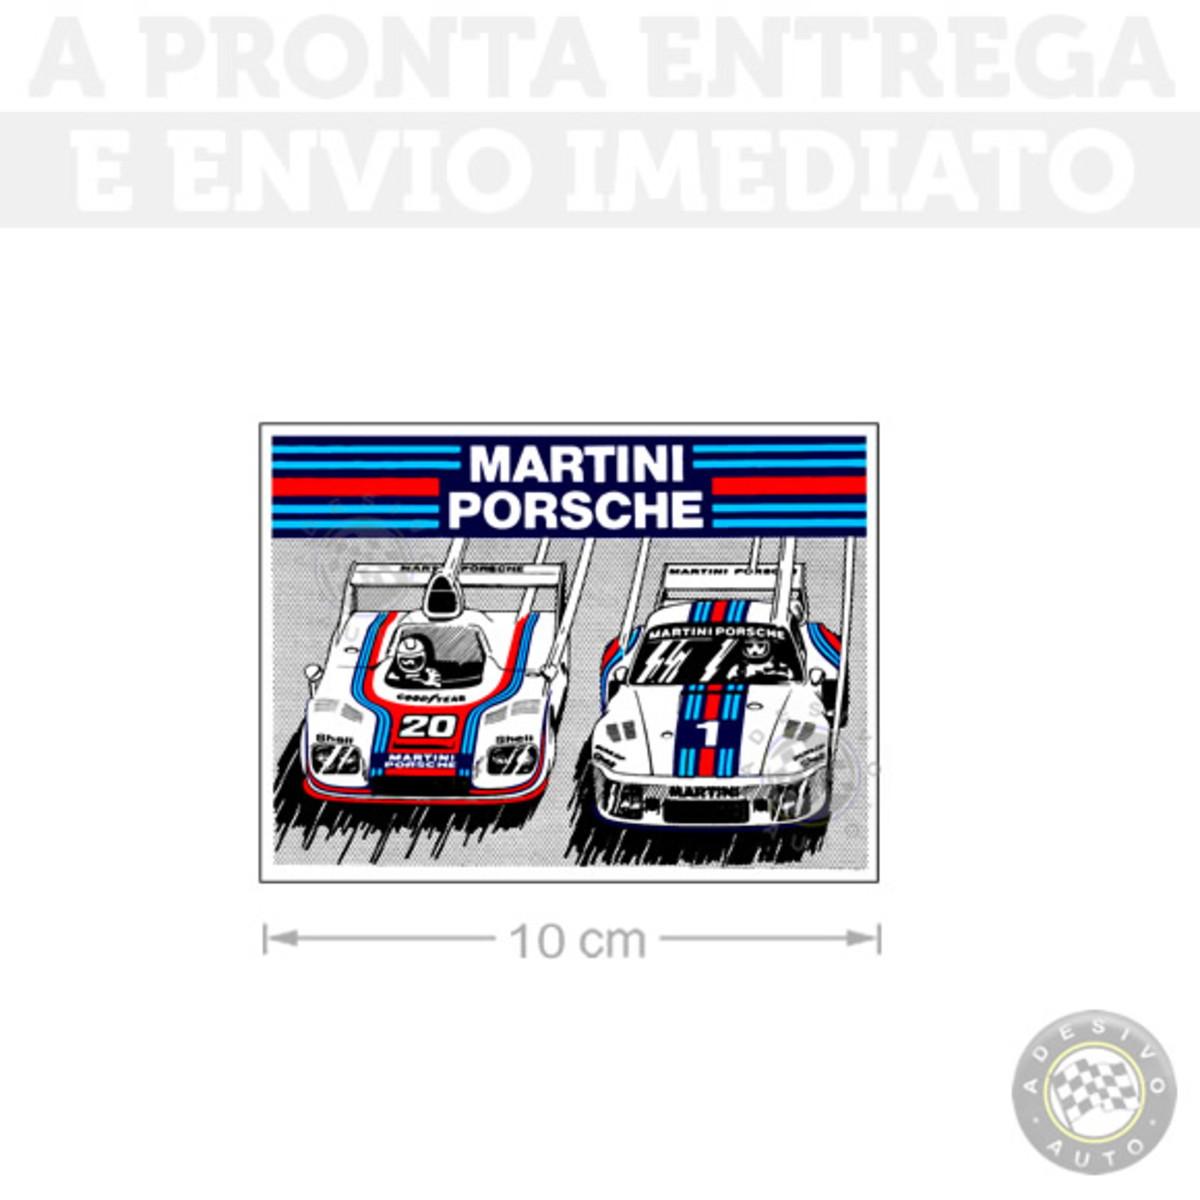 Adesivo Martini Porsche Racing 936 935 Le Mans 1976 No Elo7 Adesivo Auto Adesivos Dos Campeoes 11e7b9c